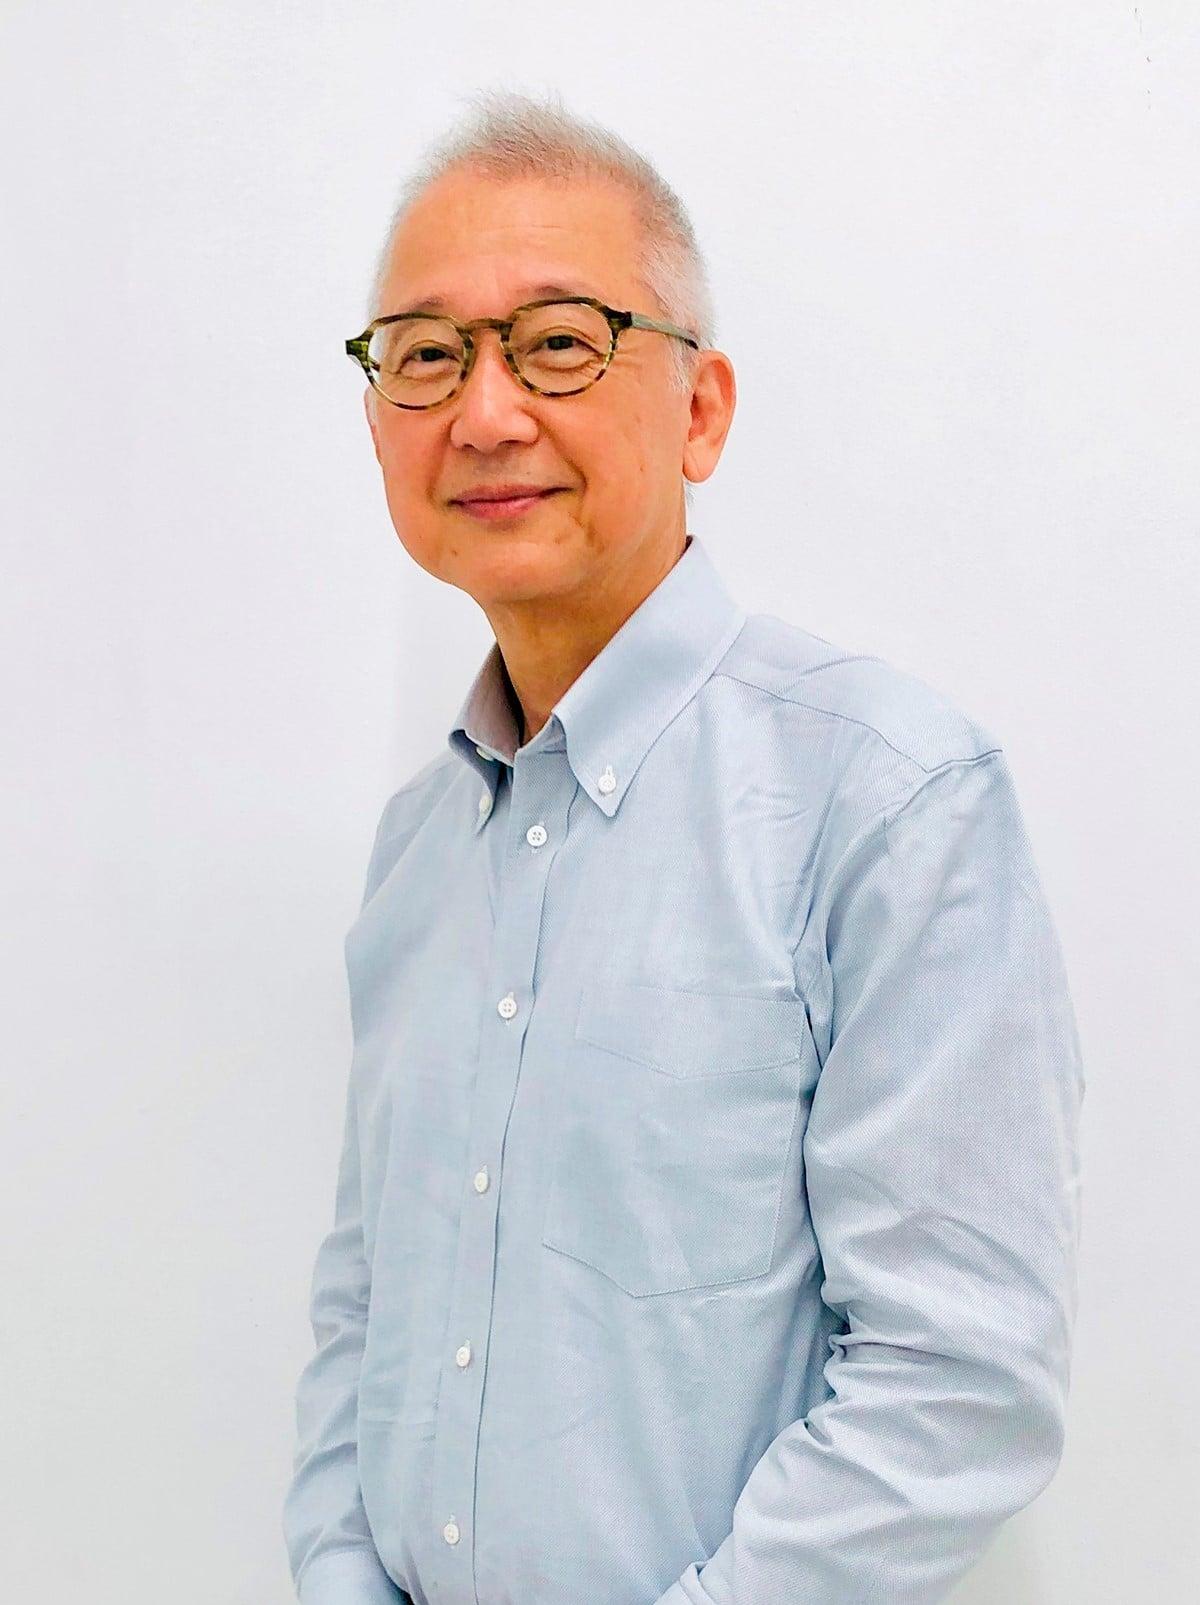 パネリストの中尾浩治は、2016年、テルモ株式会社代表取締役会長を退き、現在、ジャパン・バイオデザイン協会の理事、および(同)アート・マネジメント・しまなみの代表を務める。90年代初頭から現代アートのコレクションを始める。出身地の広島・尾道にギャラリーを今年オープンさせ、コレクションの一部を一般の方々にも見てもらう場所を設けた。広島県で現代アートを活用した芸術祭を企画・実行することを目的とし、17年、18年、19年と尾道市を中心に開催、2020年の秋、県としては初めてのトリエンナーレを開催する予定。